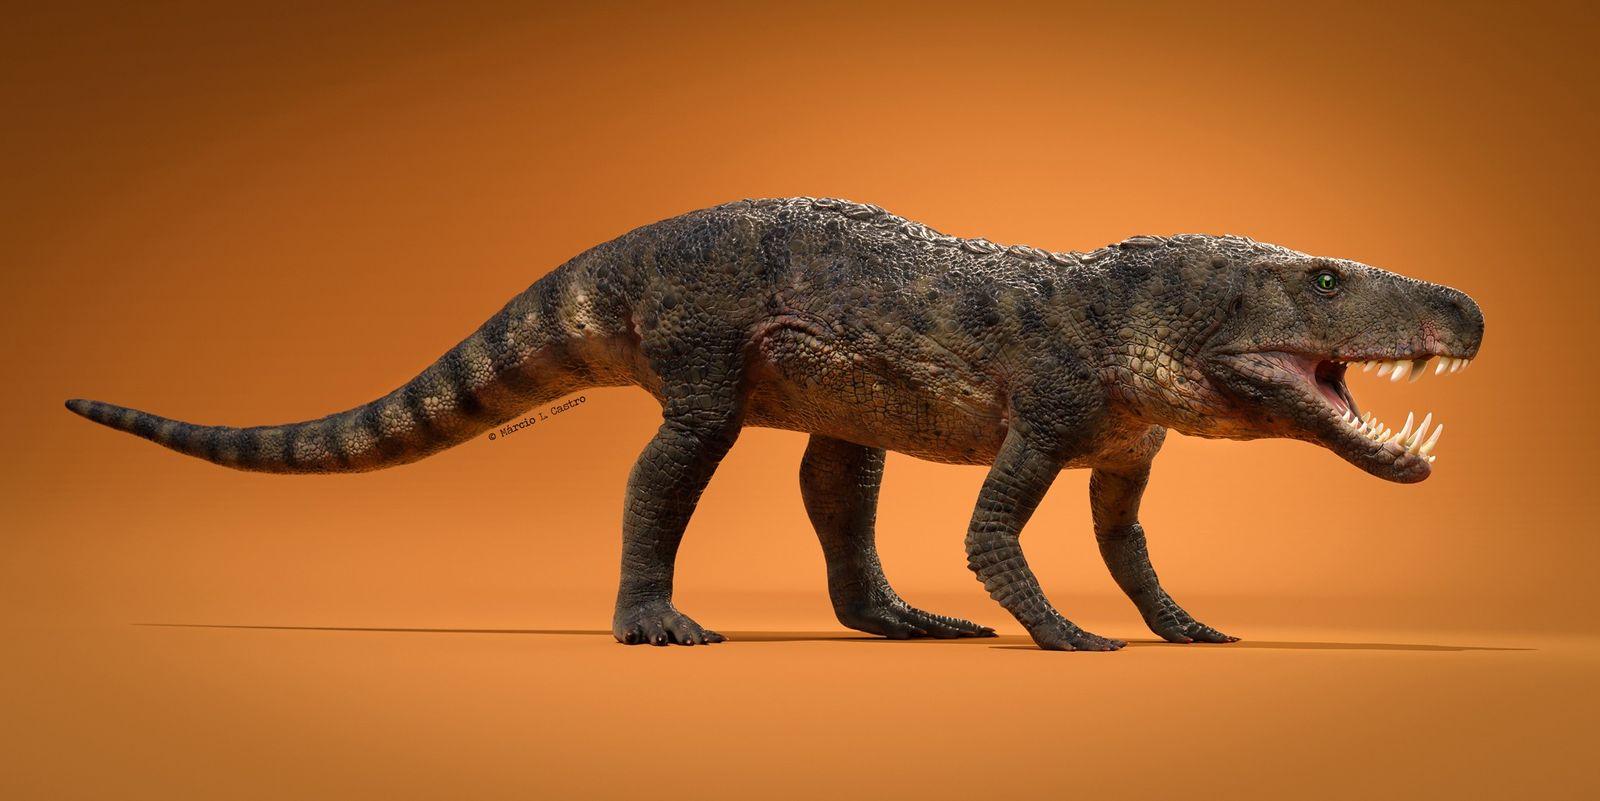 Paléontologie : découverte d'un crocodile broyeur d'os au Brésil